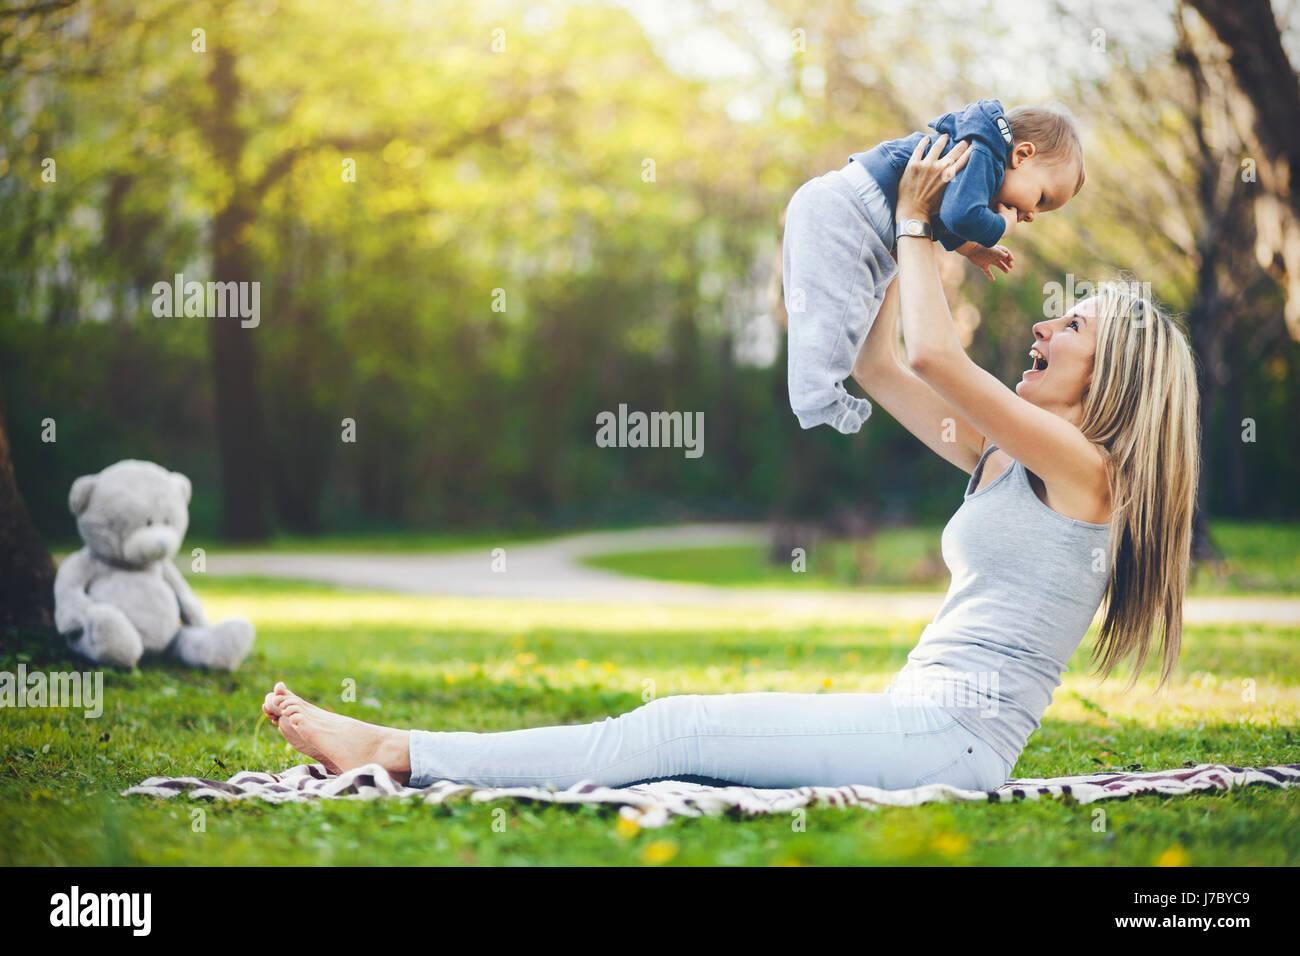 Encantado de madre con su hijo de un año y medio al aire libre en un parque Imagen De Stock